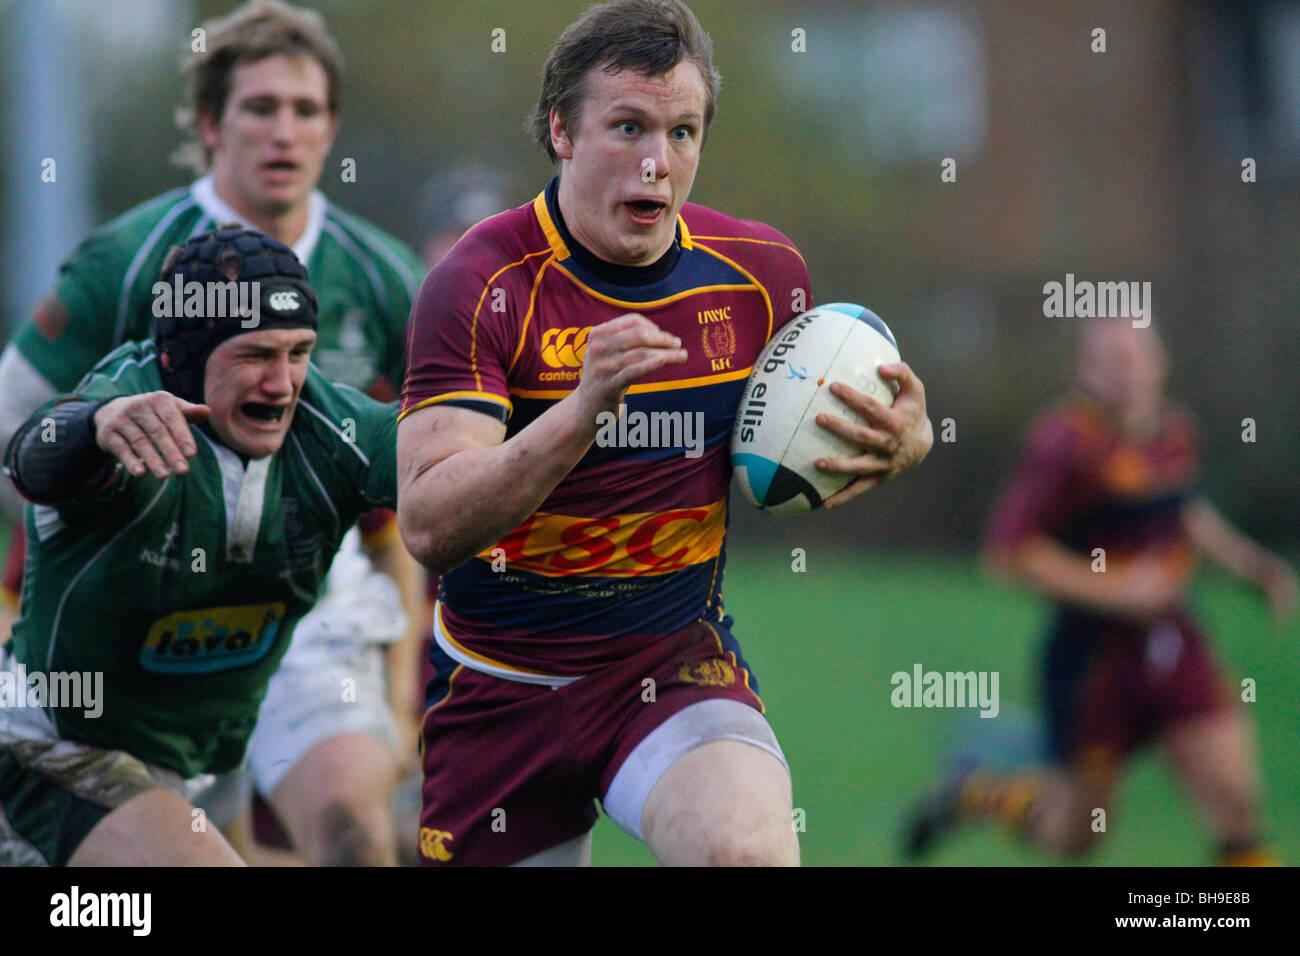 Rugby affrontare durante una partita. Immagini Stock